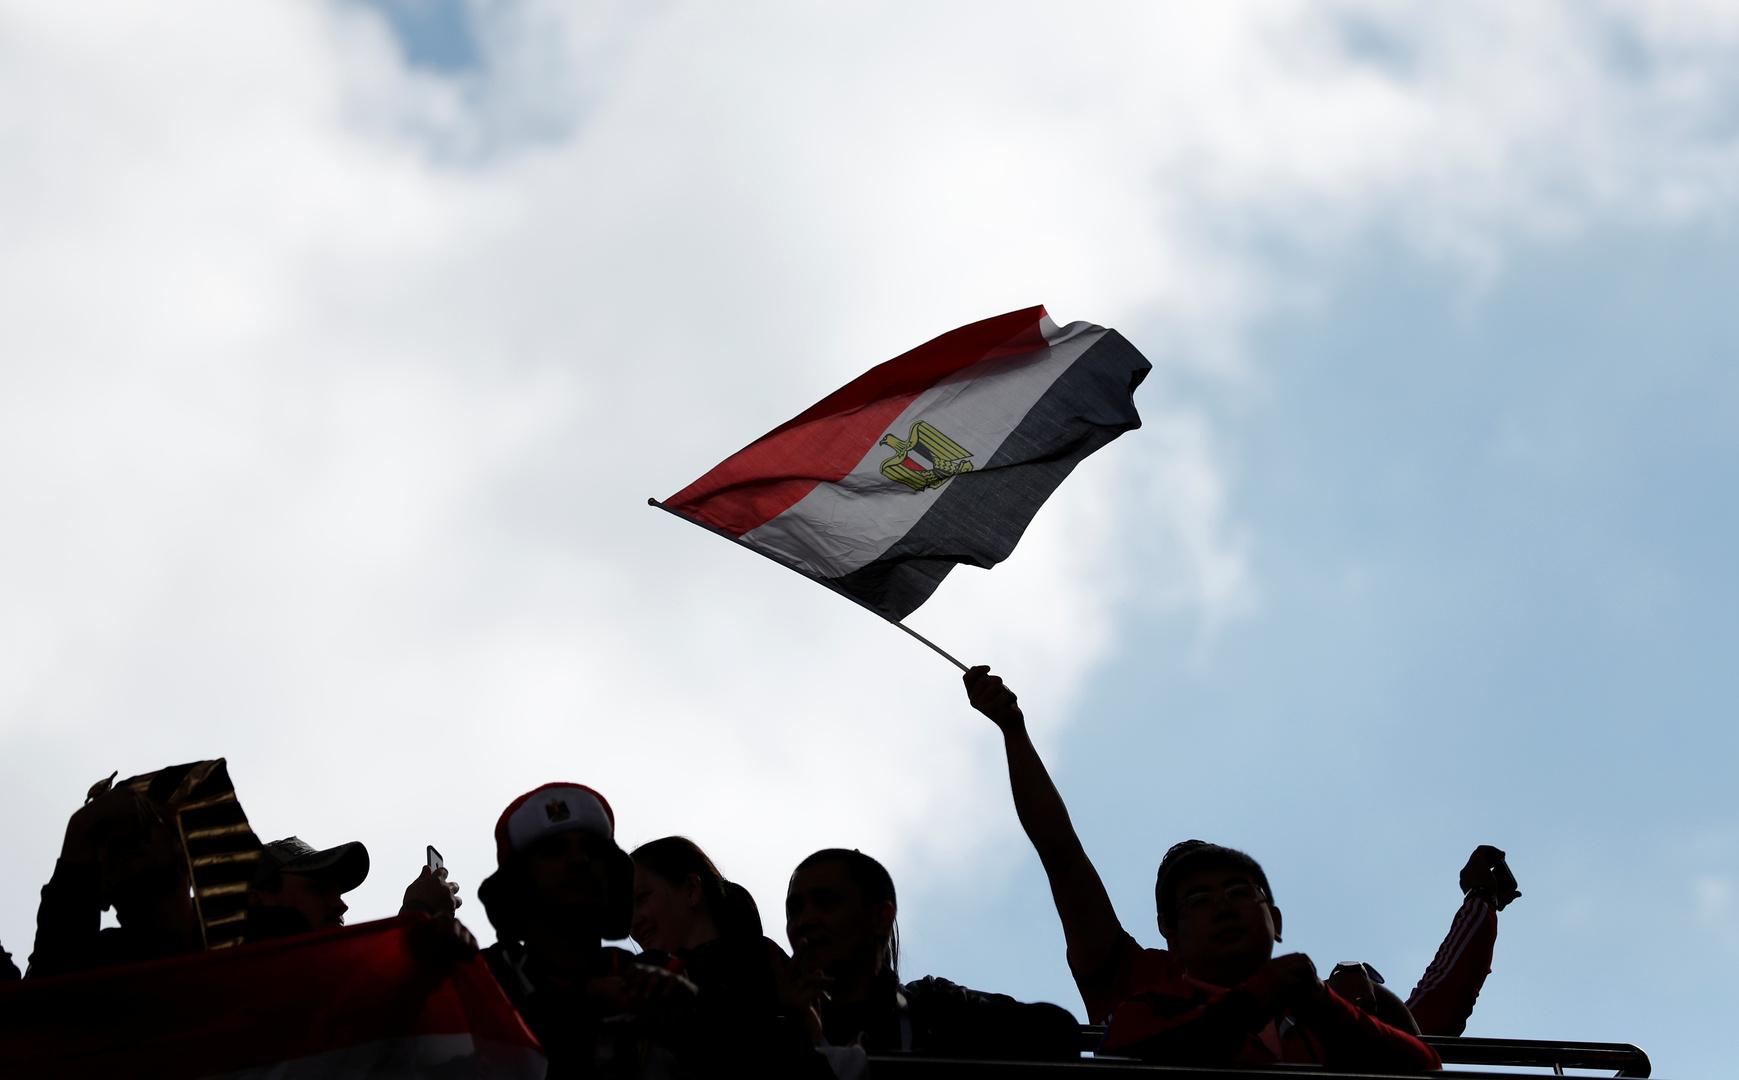 مصر.. قرار مفاجئ بإغلاق قناة مشهورة يمتلكها رجل أعمال عربي